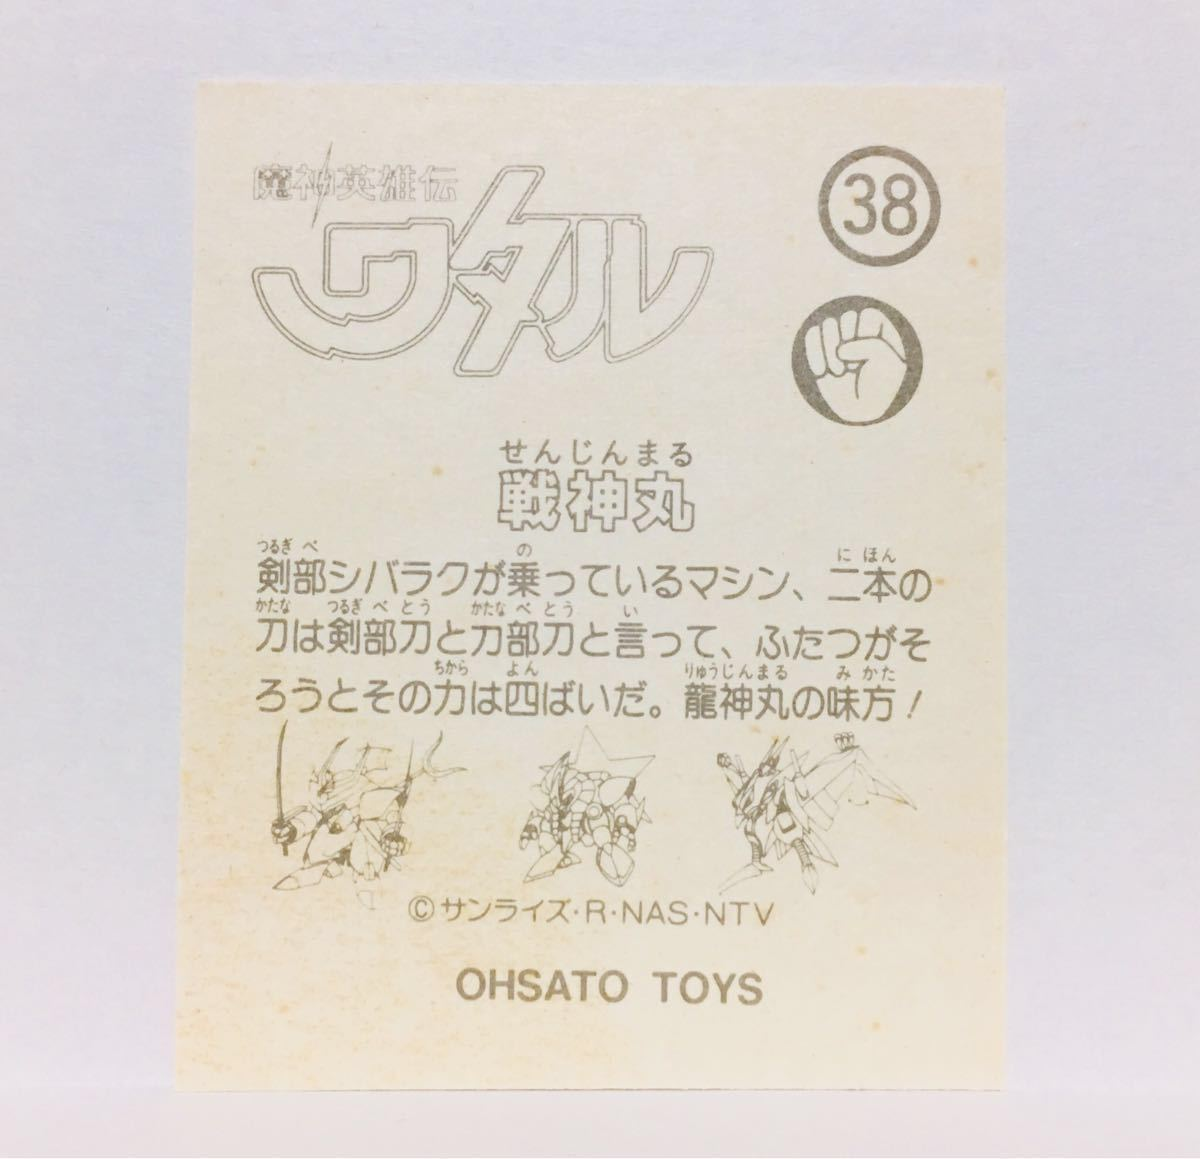 ◆ 魔神英雄伝ワタル カード ③⑧ 駄菓子屋 引き物 昭和 レトロ 当時物 ビンテージ 漫画 アニメ_画像2